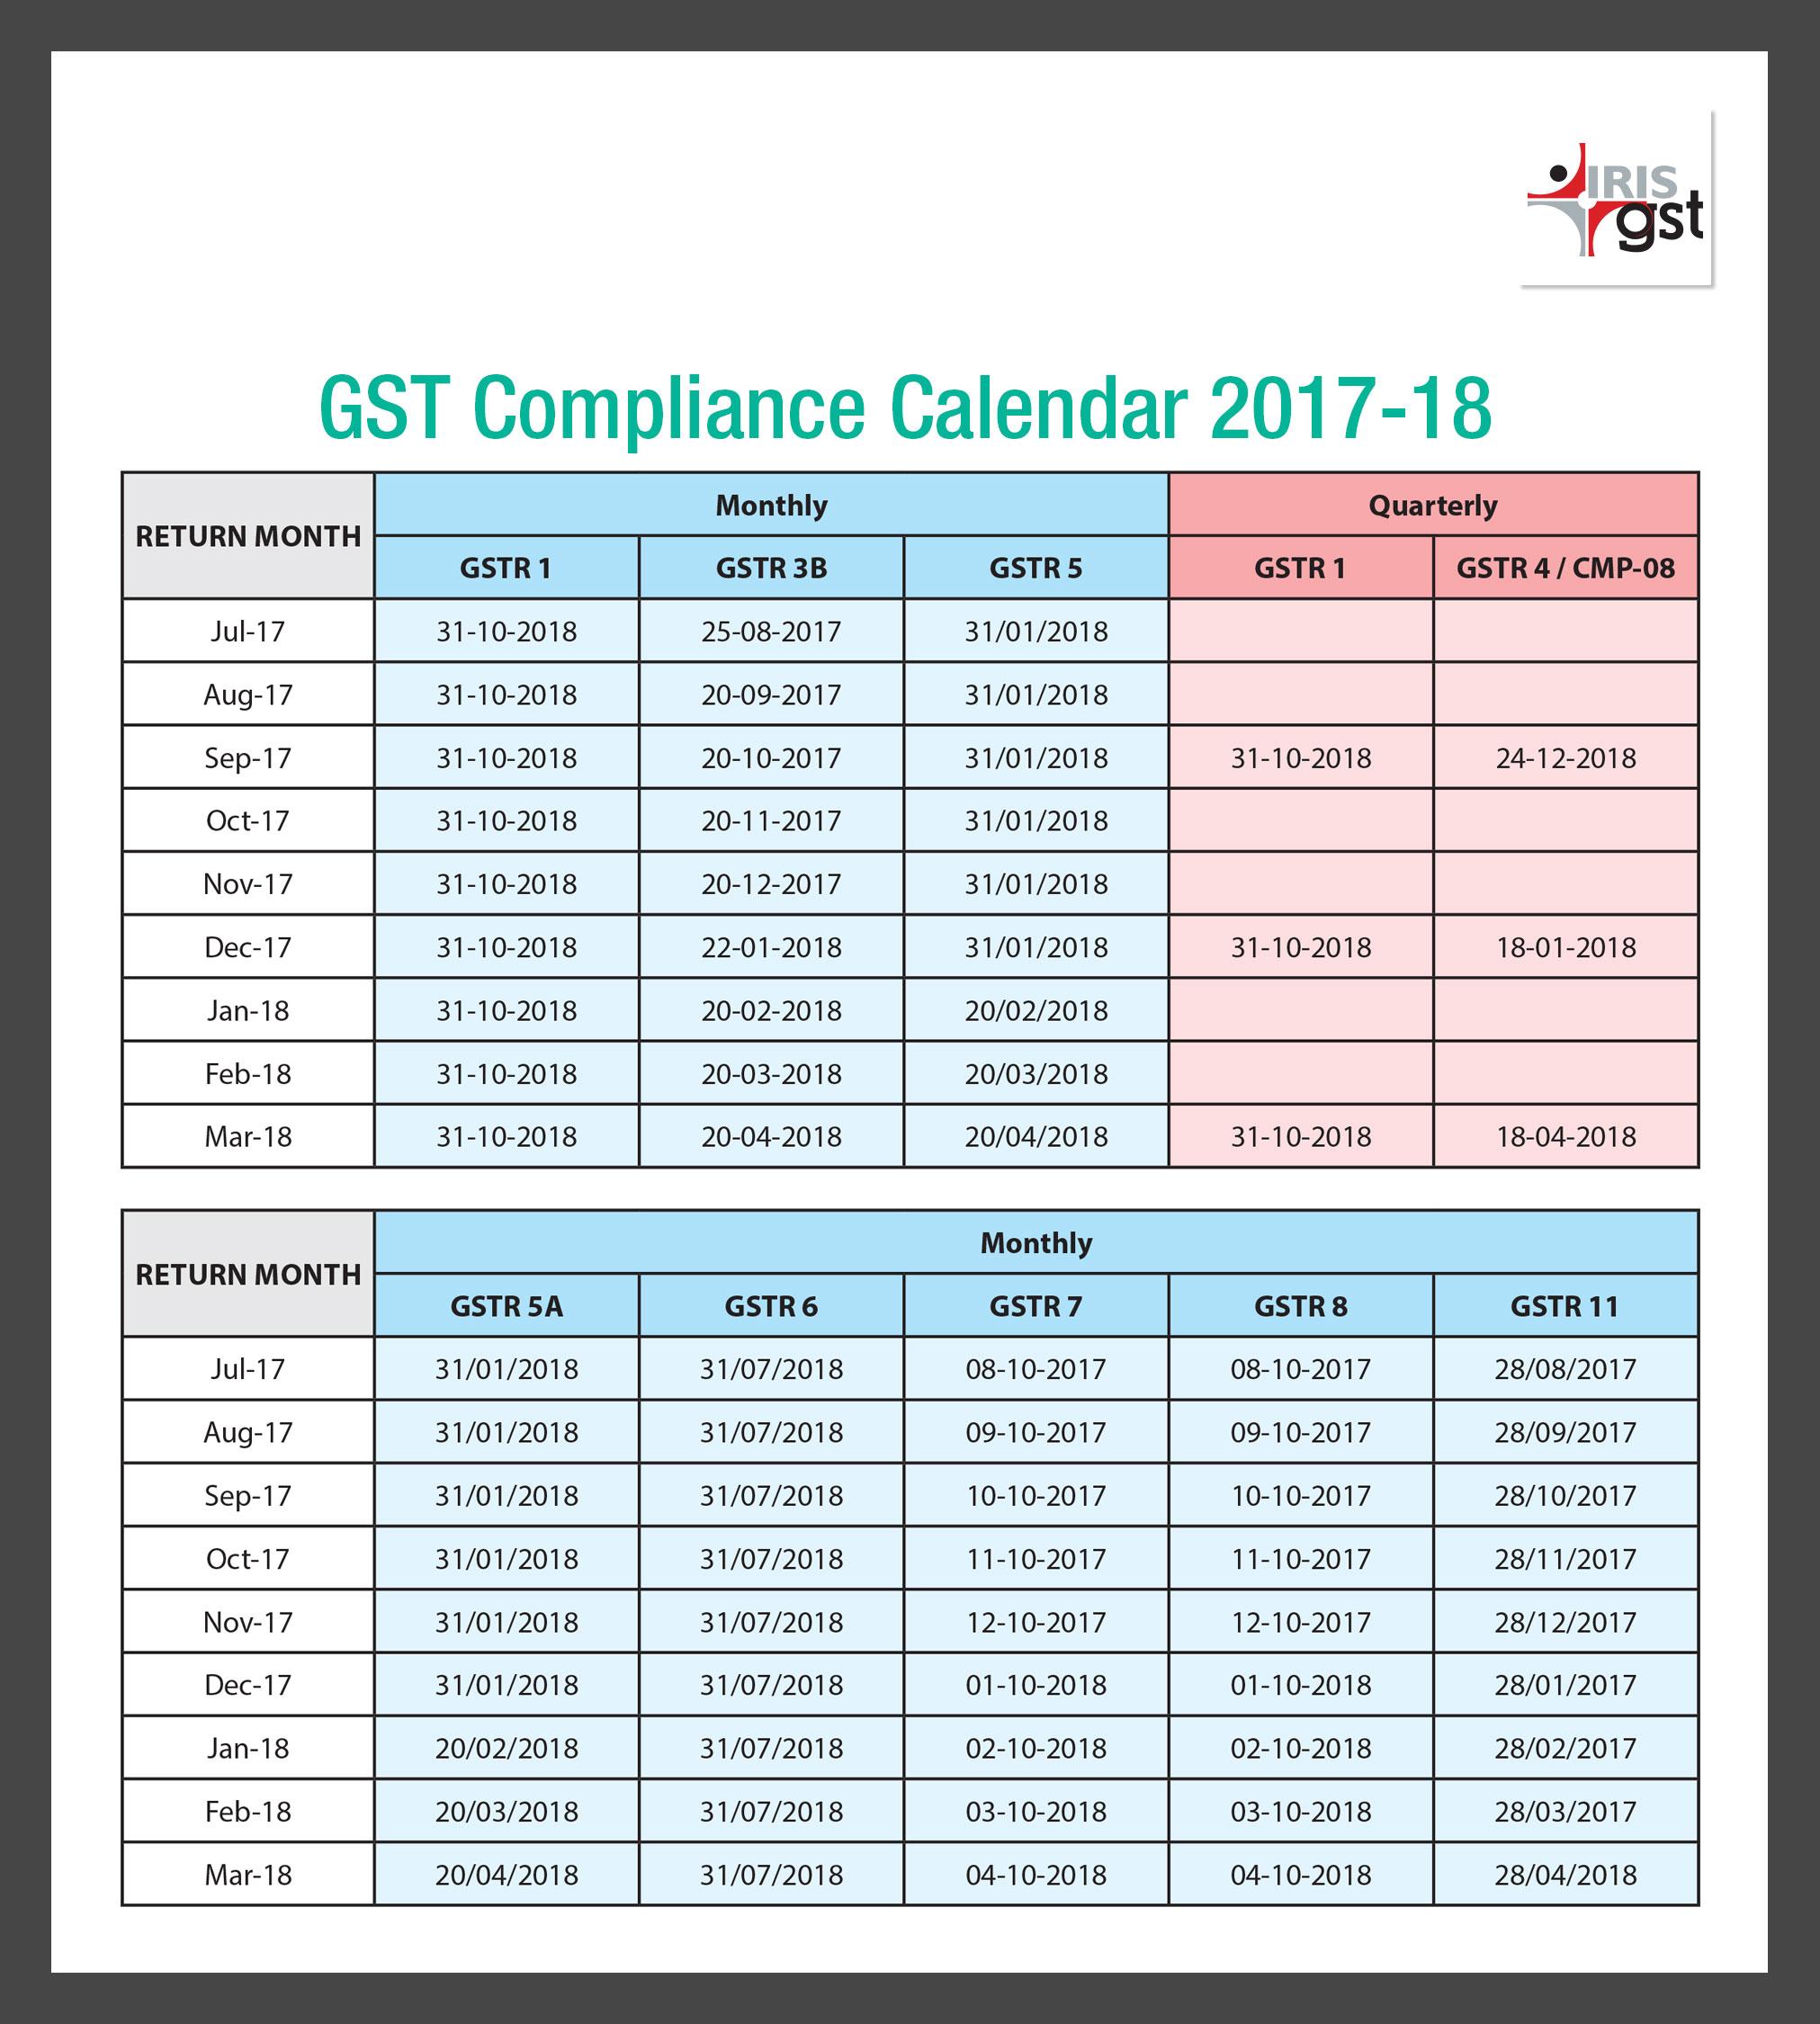 GST Compliance Calendar 2017-18_Final